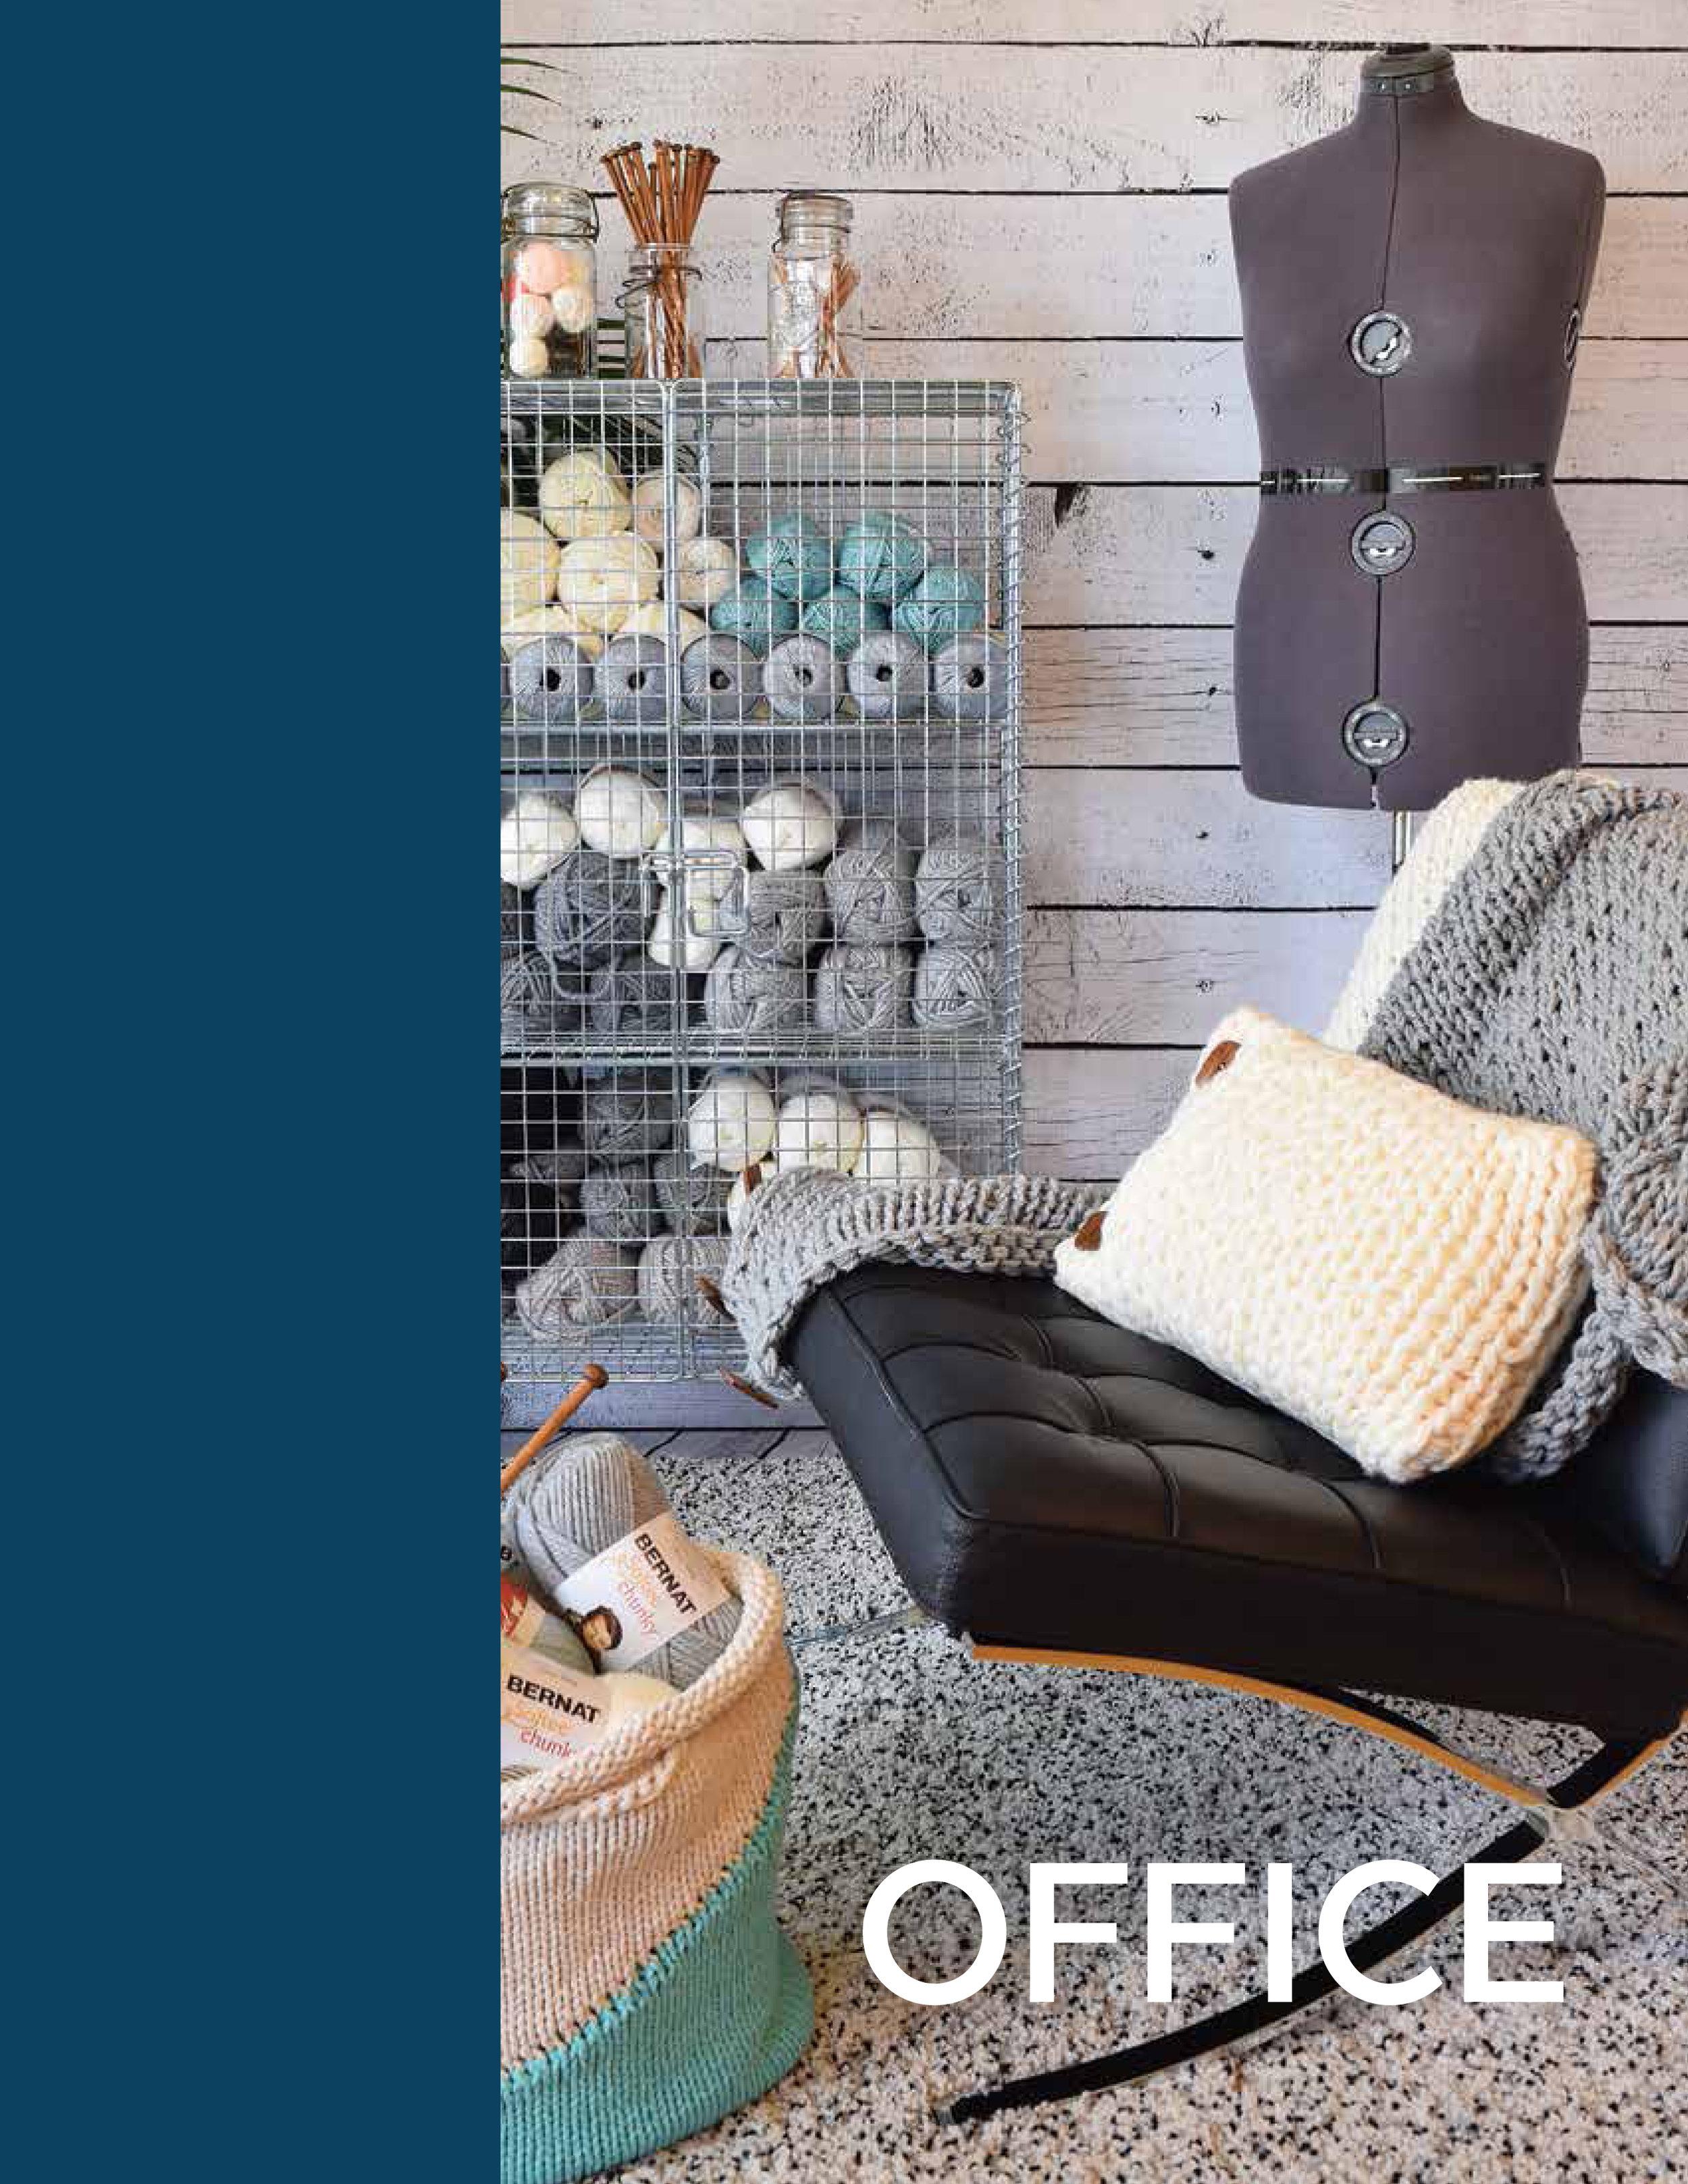 Office - Simple Stockinette Cocoon BlanketSimple Stockinette CushionSimple Stockinette Basket Bag